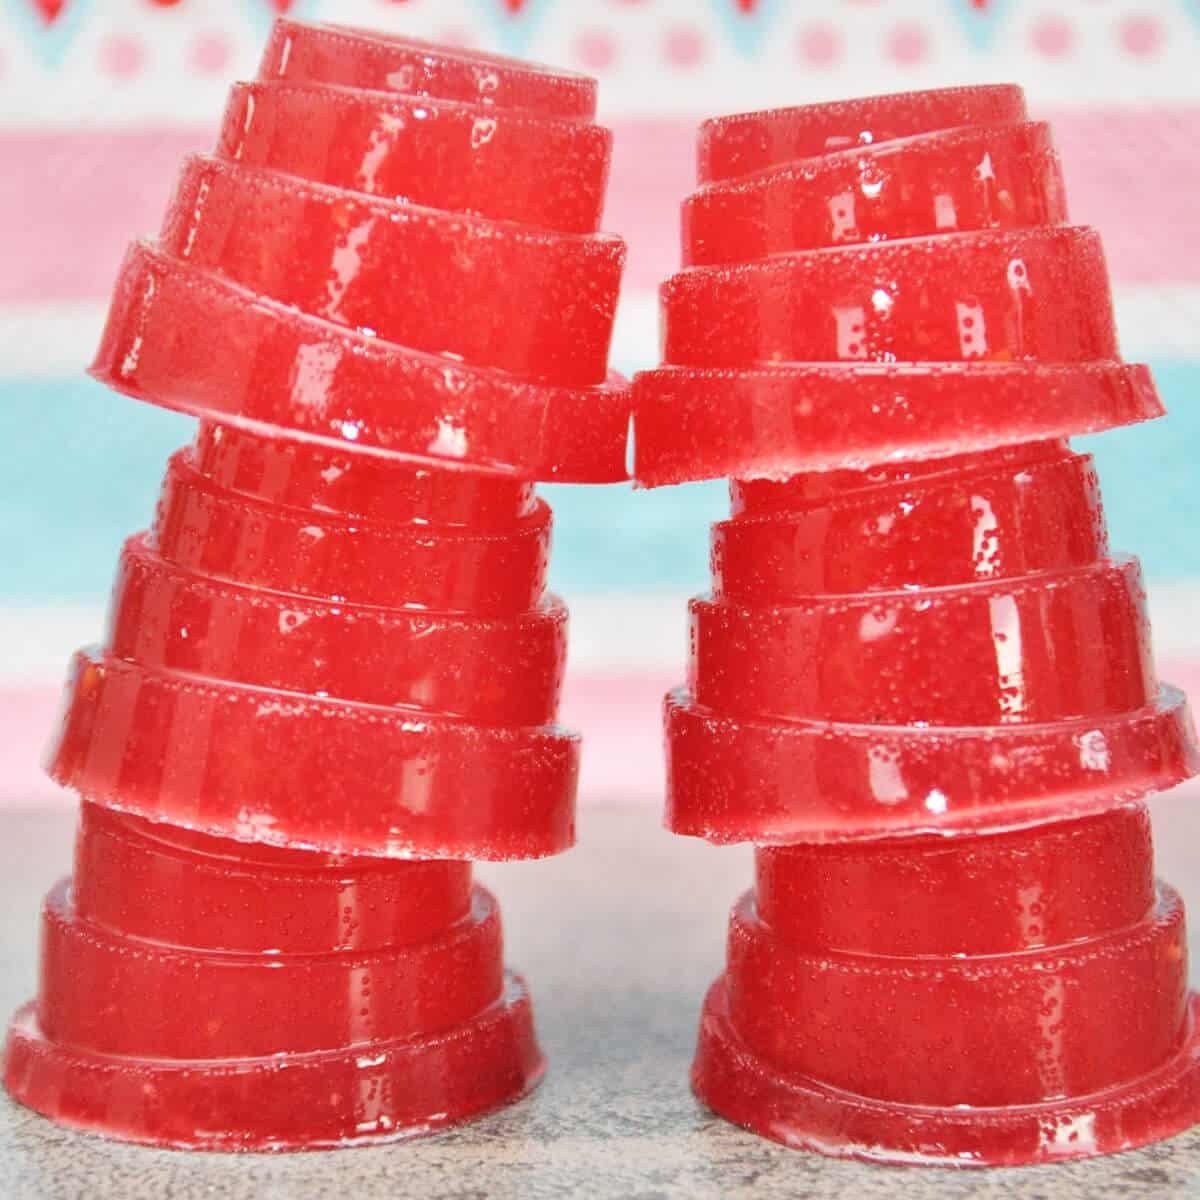 Low Carb Rezepte: Low Carb Gummibärchen bzw. Weingummi ohne Zucker selber machen mit Fiber Sirup, Erythrit und Xucker Light